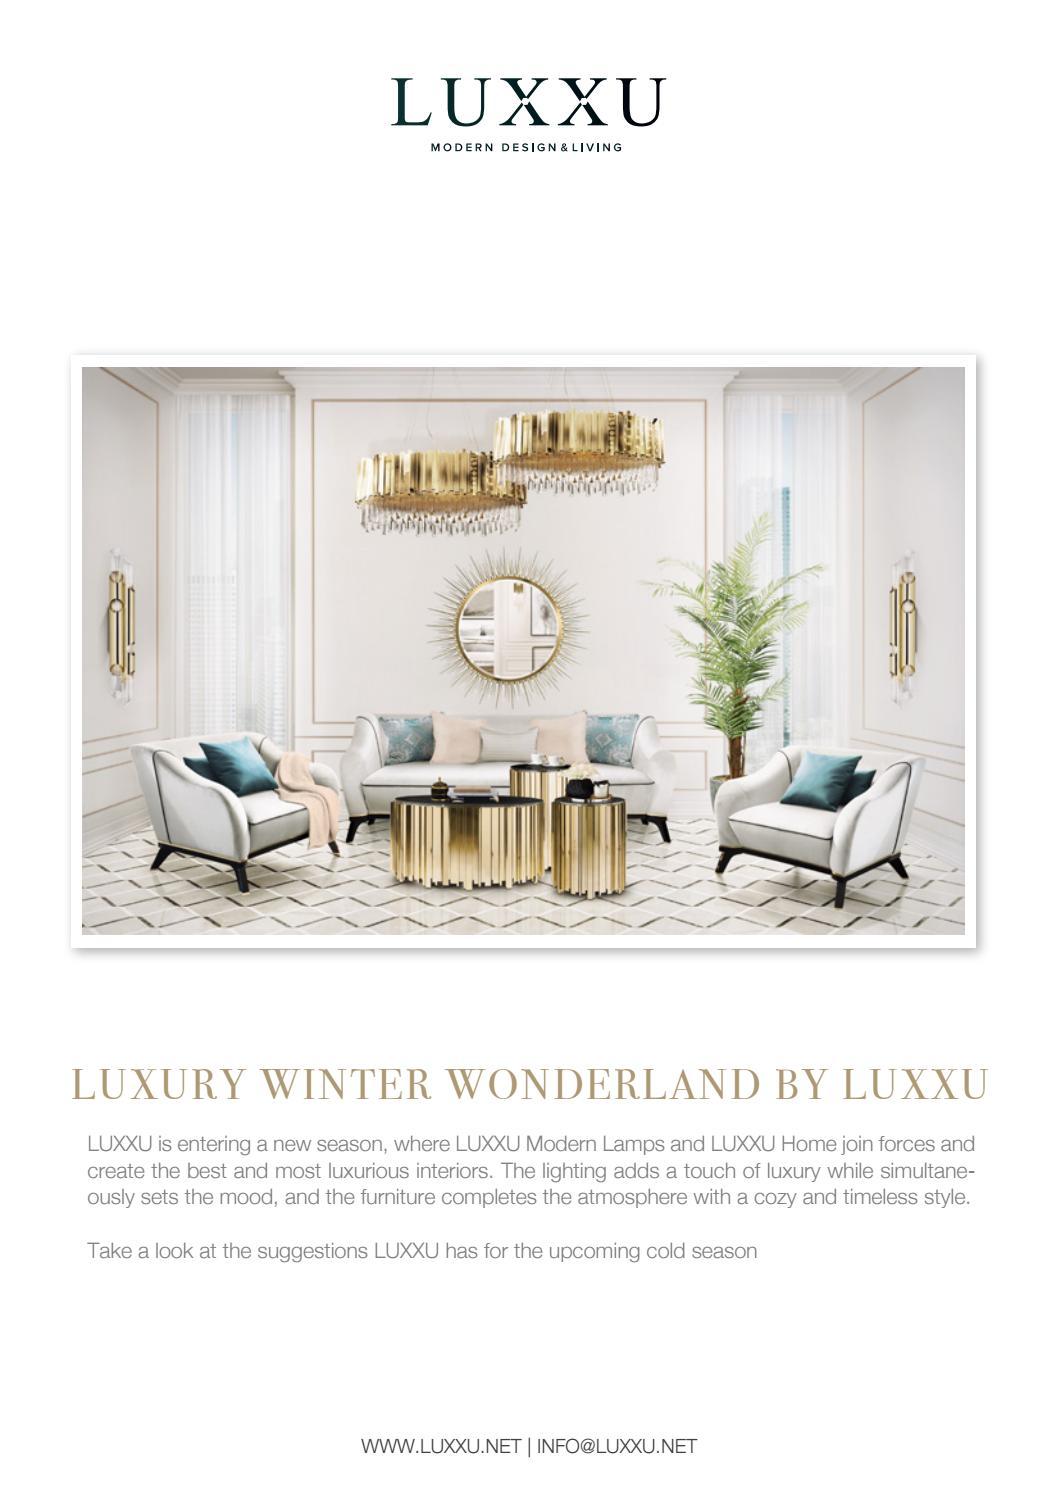 Luxury Winter Wonderland by LUXXU by Luxxu Modern Design & Living ...